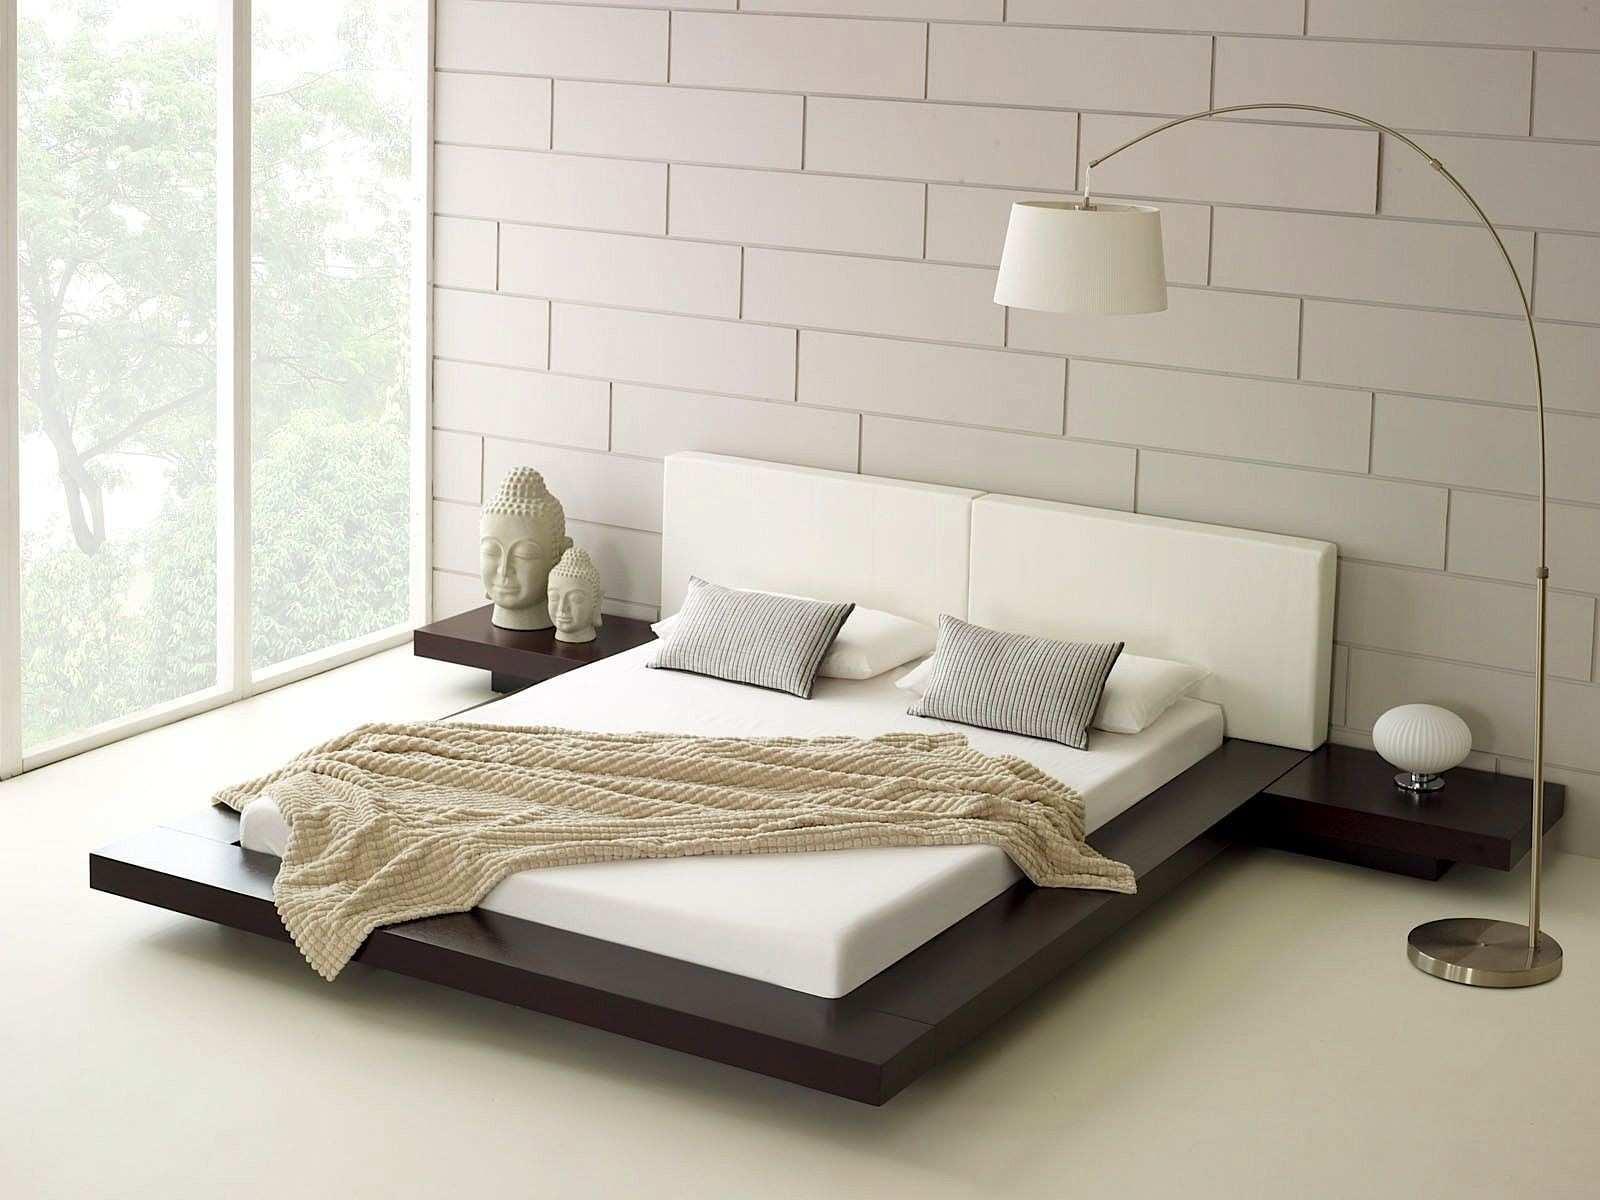 Décorer sa chambre avec des lampes design - Atelier Déco Création